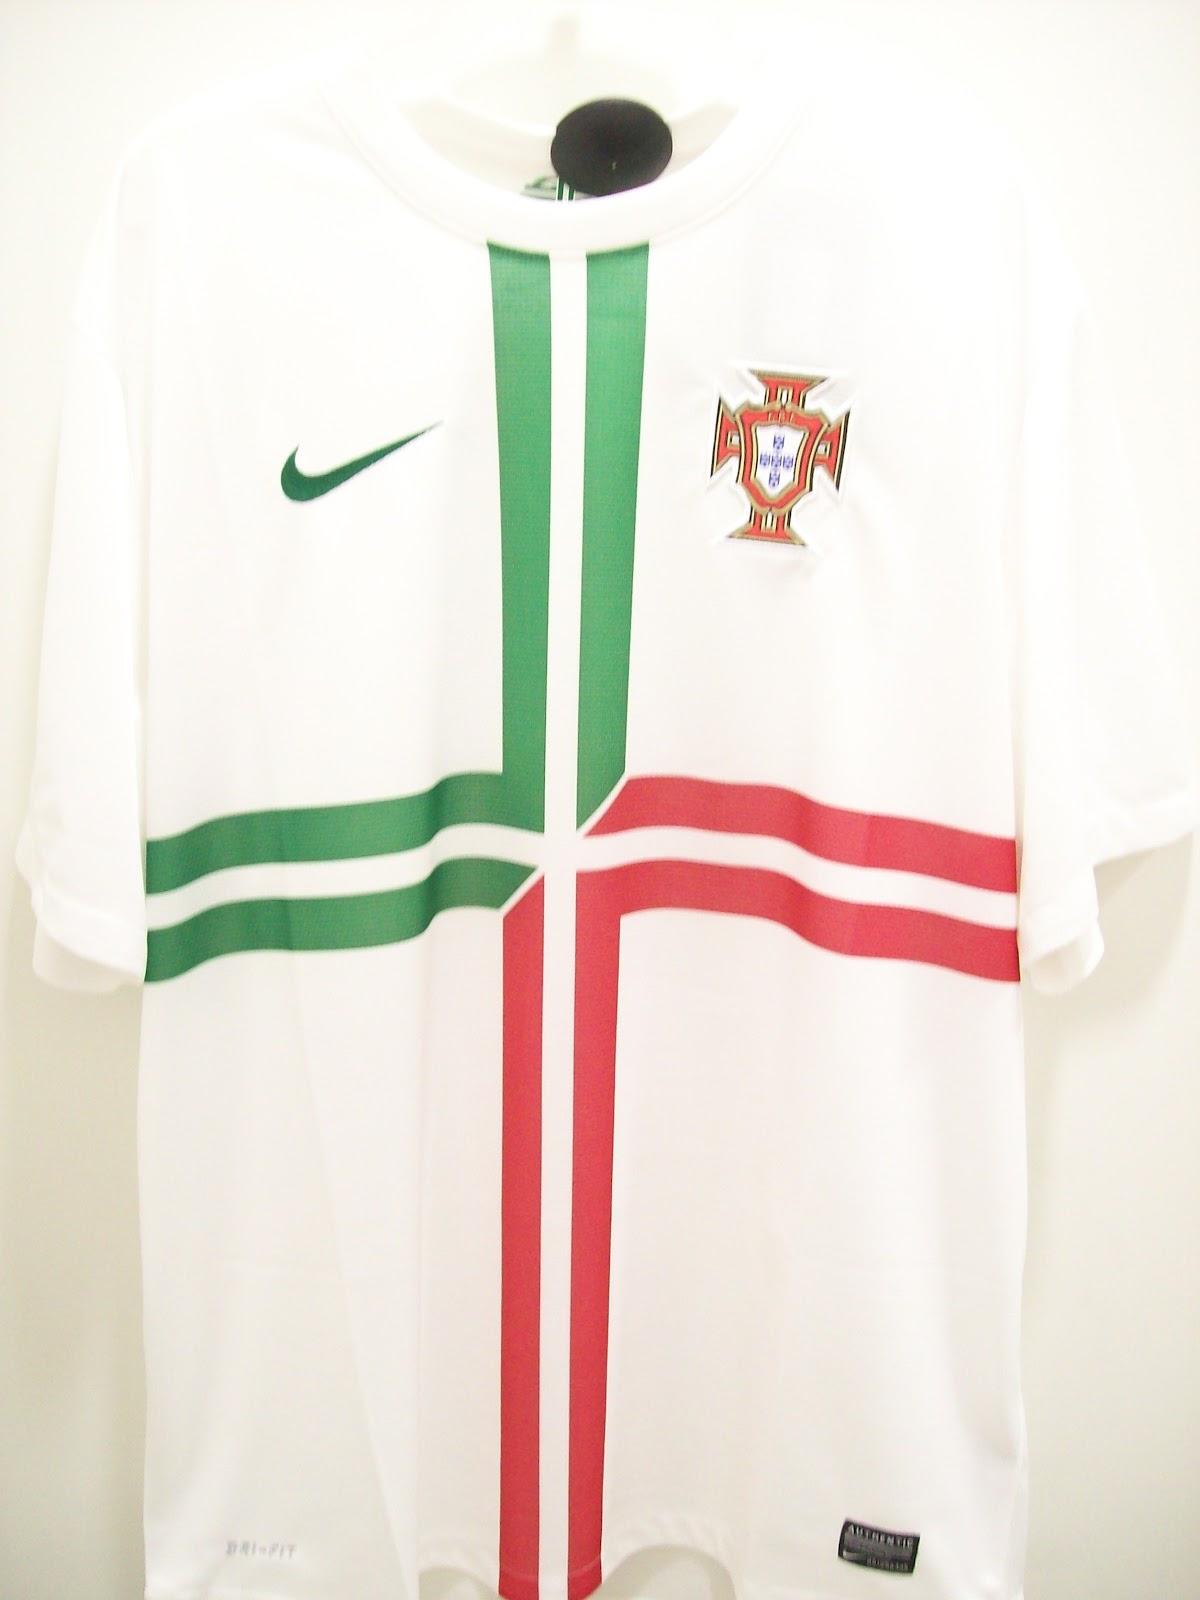 A Euro 2012 vem aí e uma das seleções que podem se destacar é a França. A  França tem uma camisa away bonita 50c7e7e56d9a4